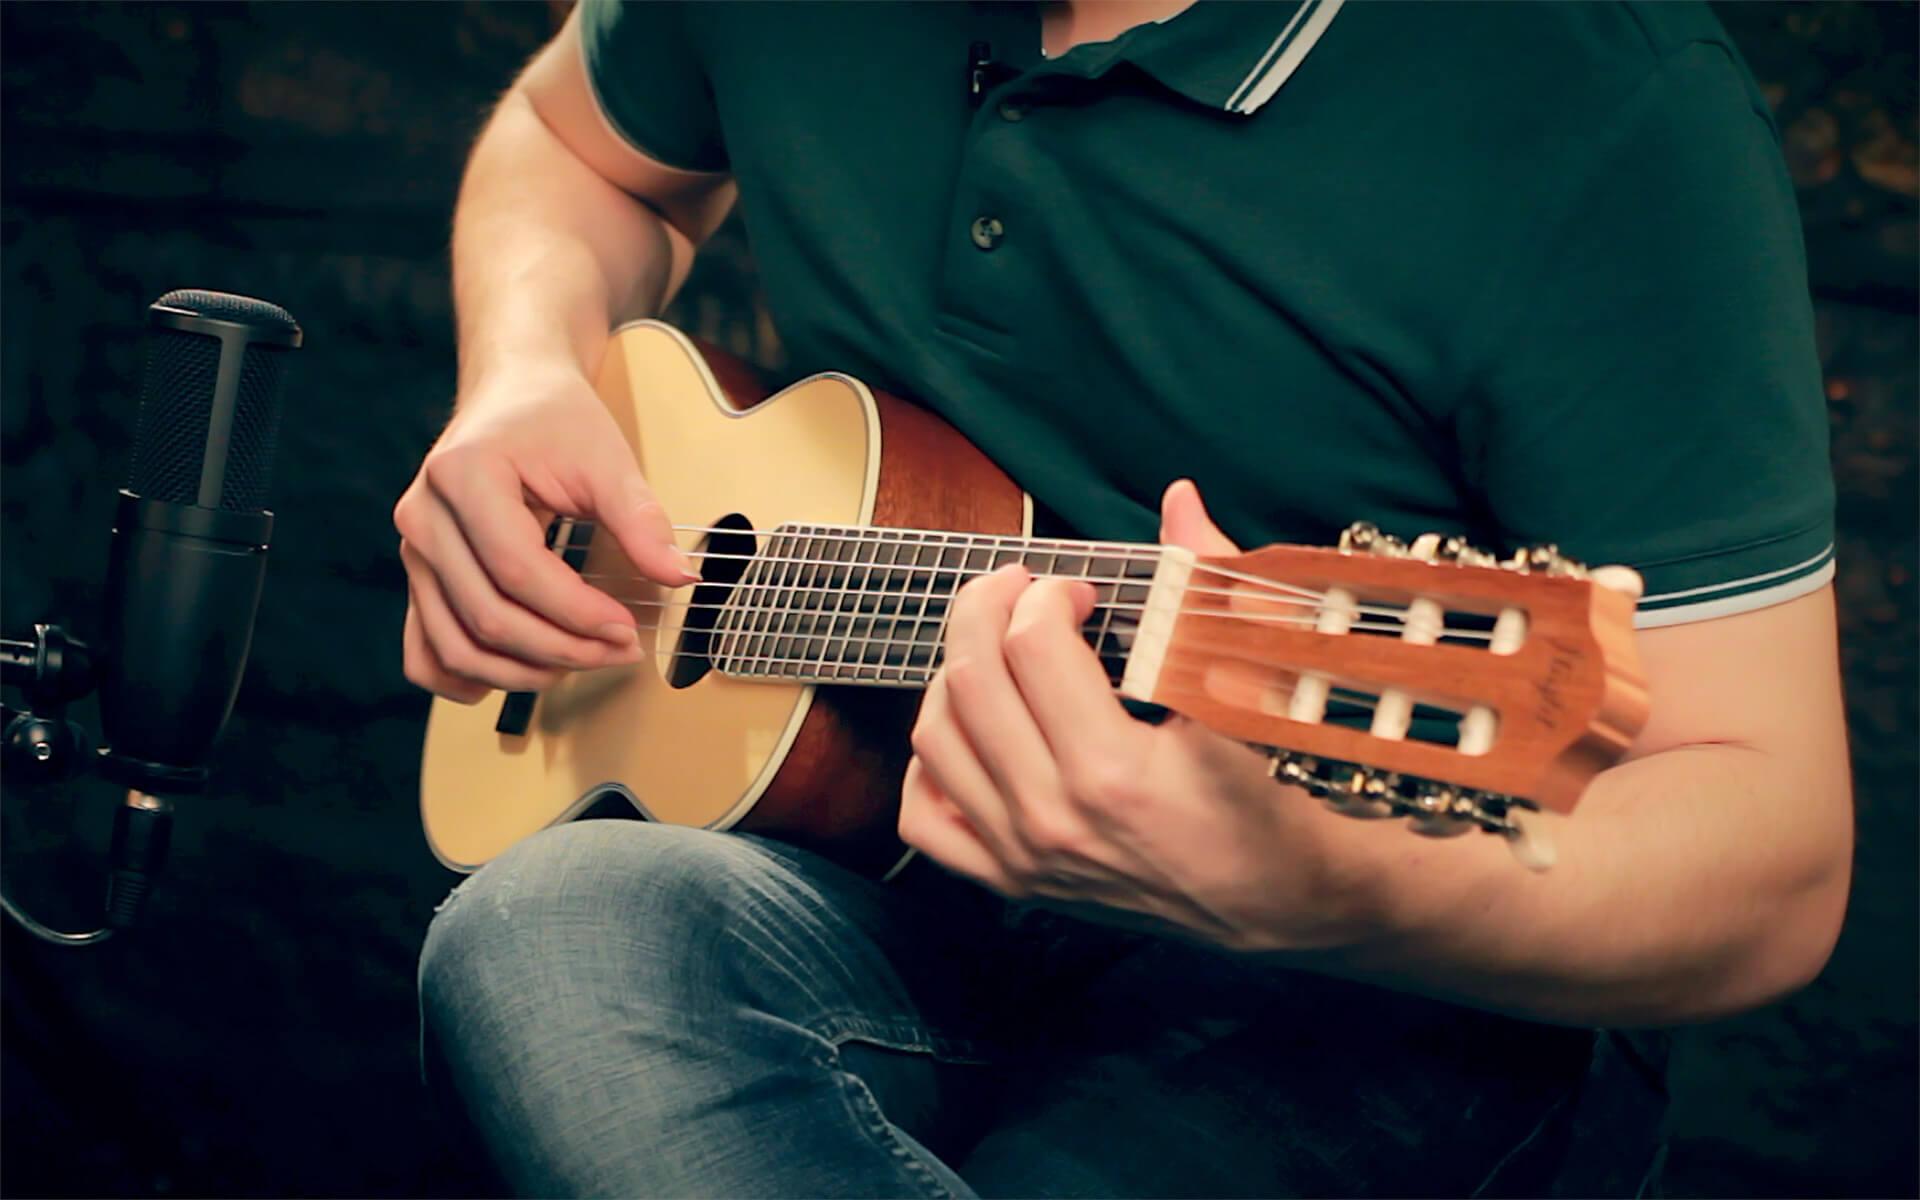 Guitarlele Series